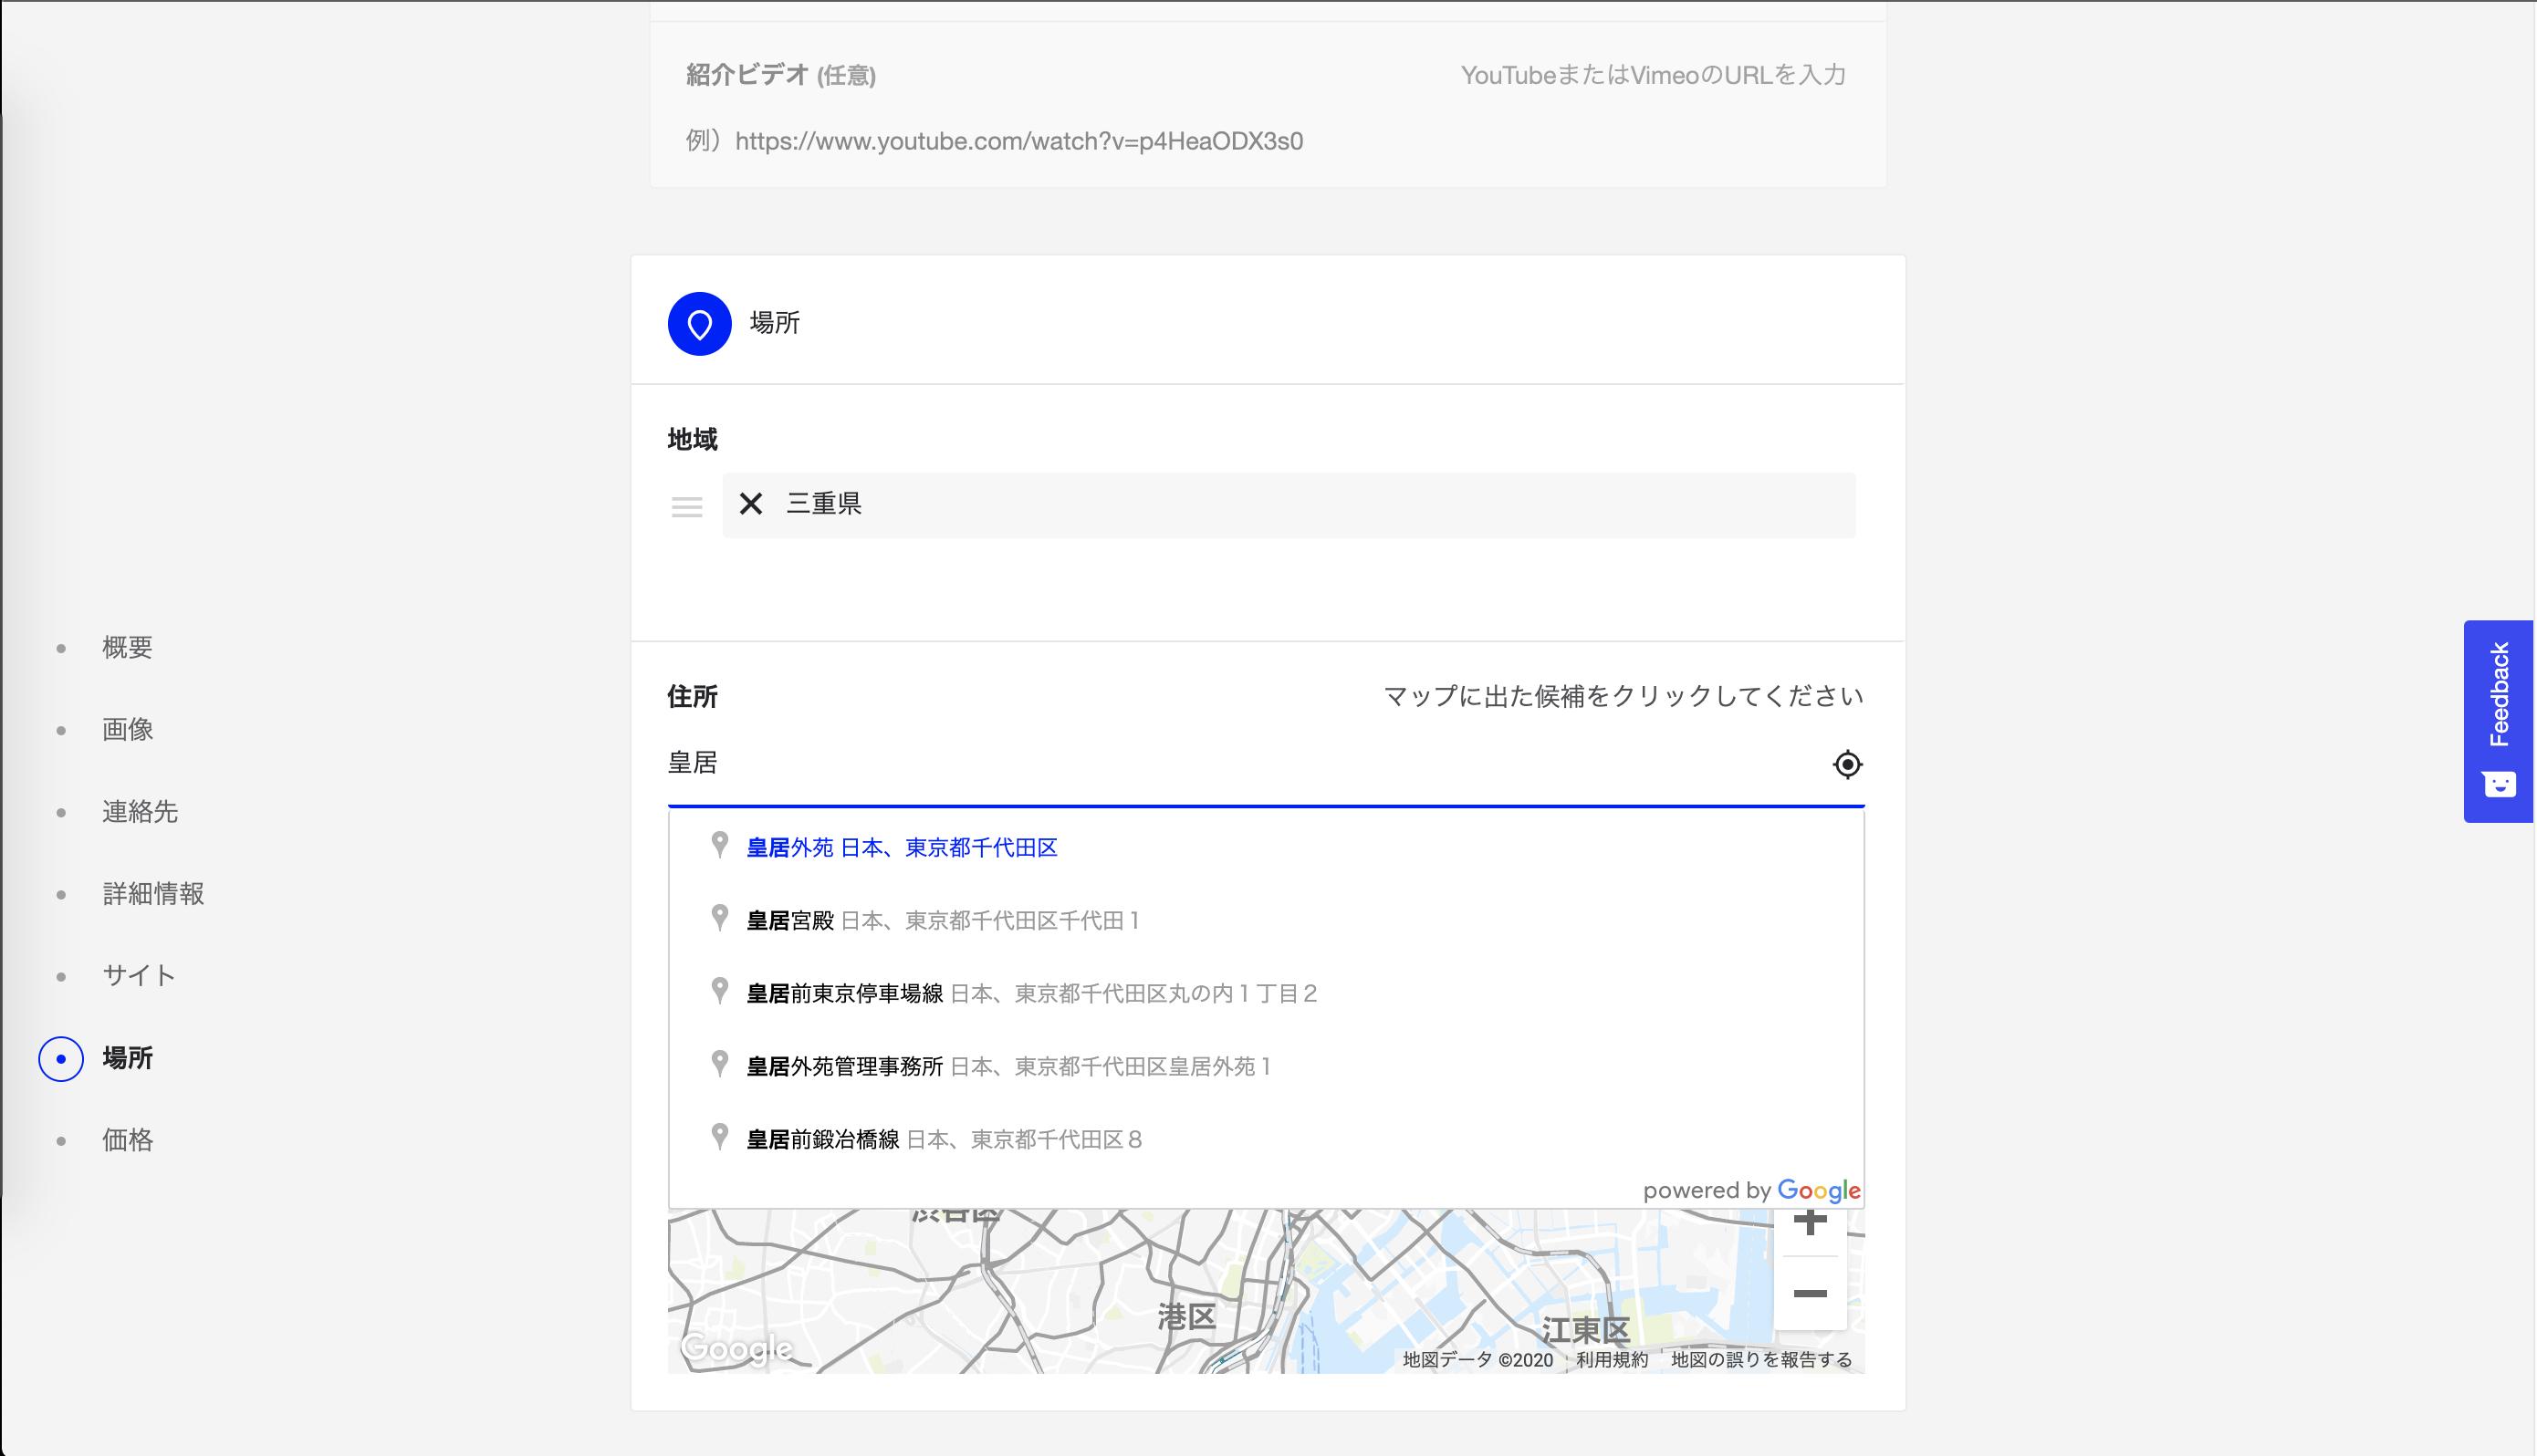 https://s3-us-west-2.amazonaws.com/secure.notion-static.com/f4d24058-205c-4b81-825b-901794b13b17/screenshot_2020-06-05_10.56.57.png